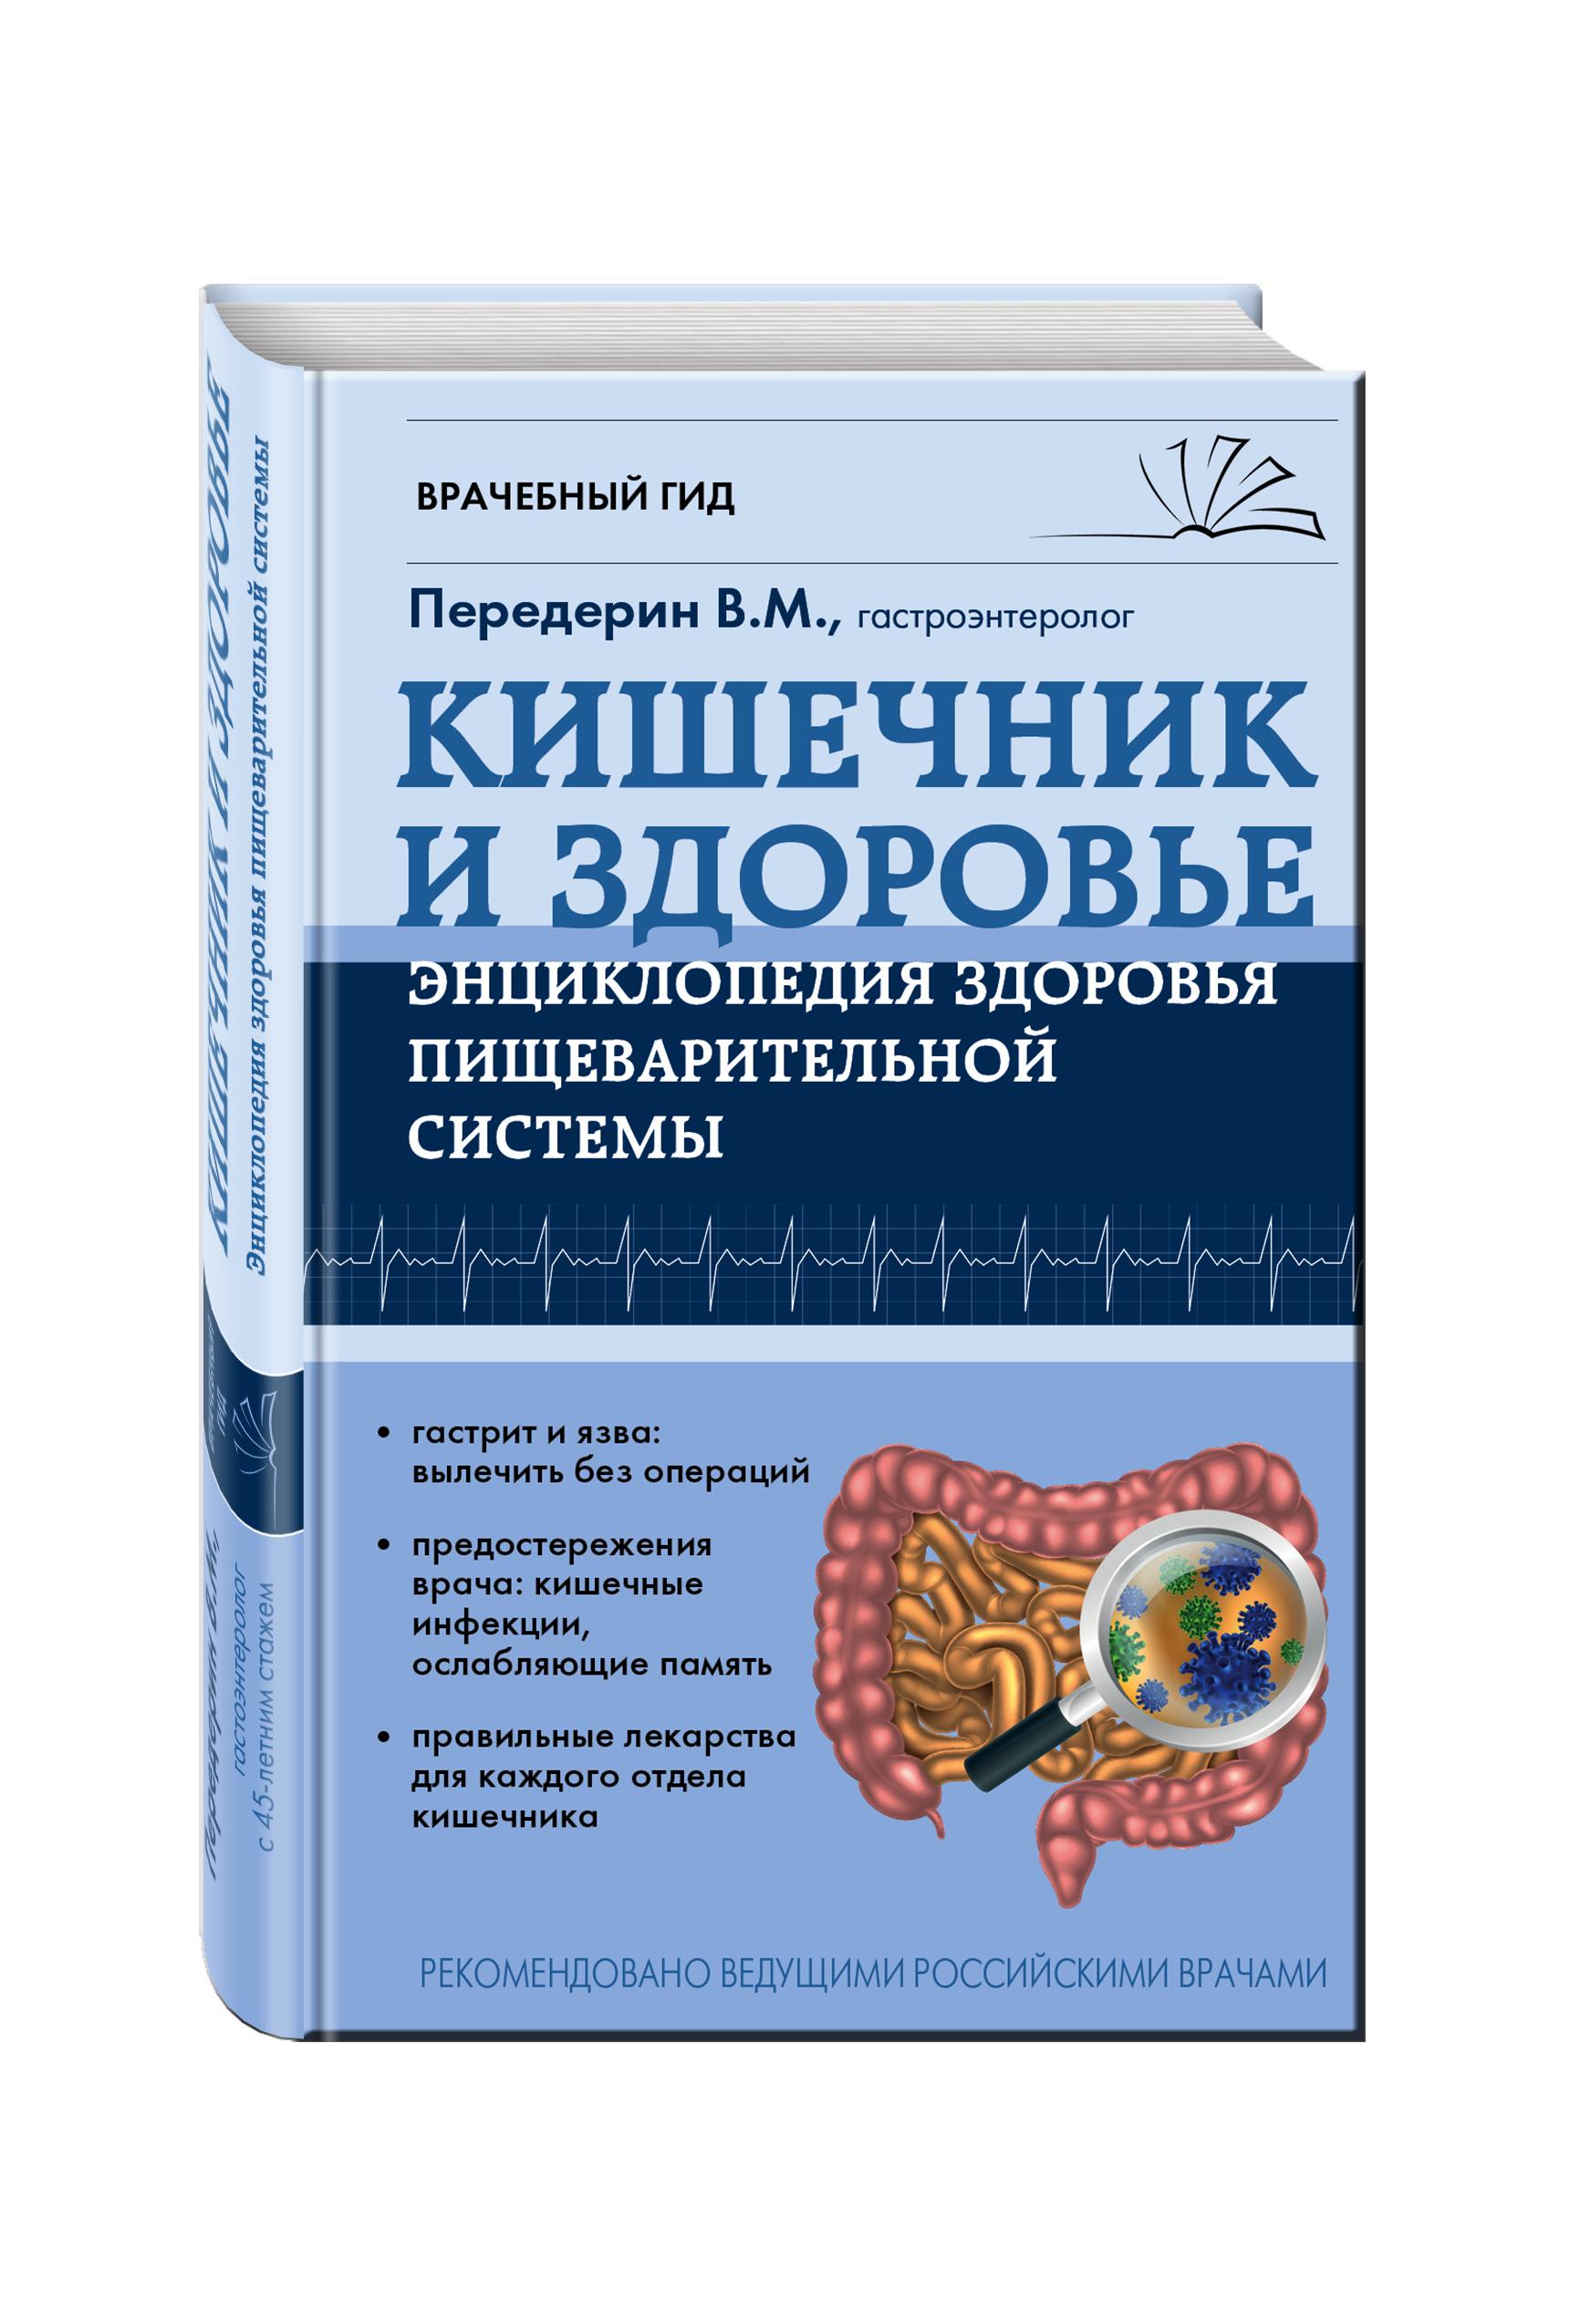 Кишечник и Здоровье. Энциклопедия здоровья пищеварительной системы ( Передерин В.М.  )